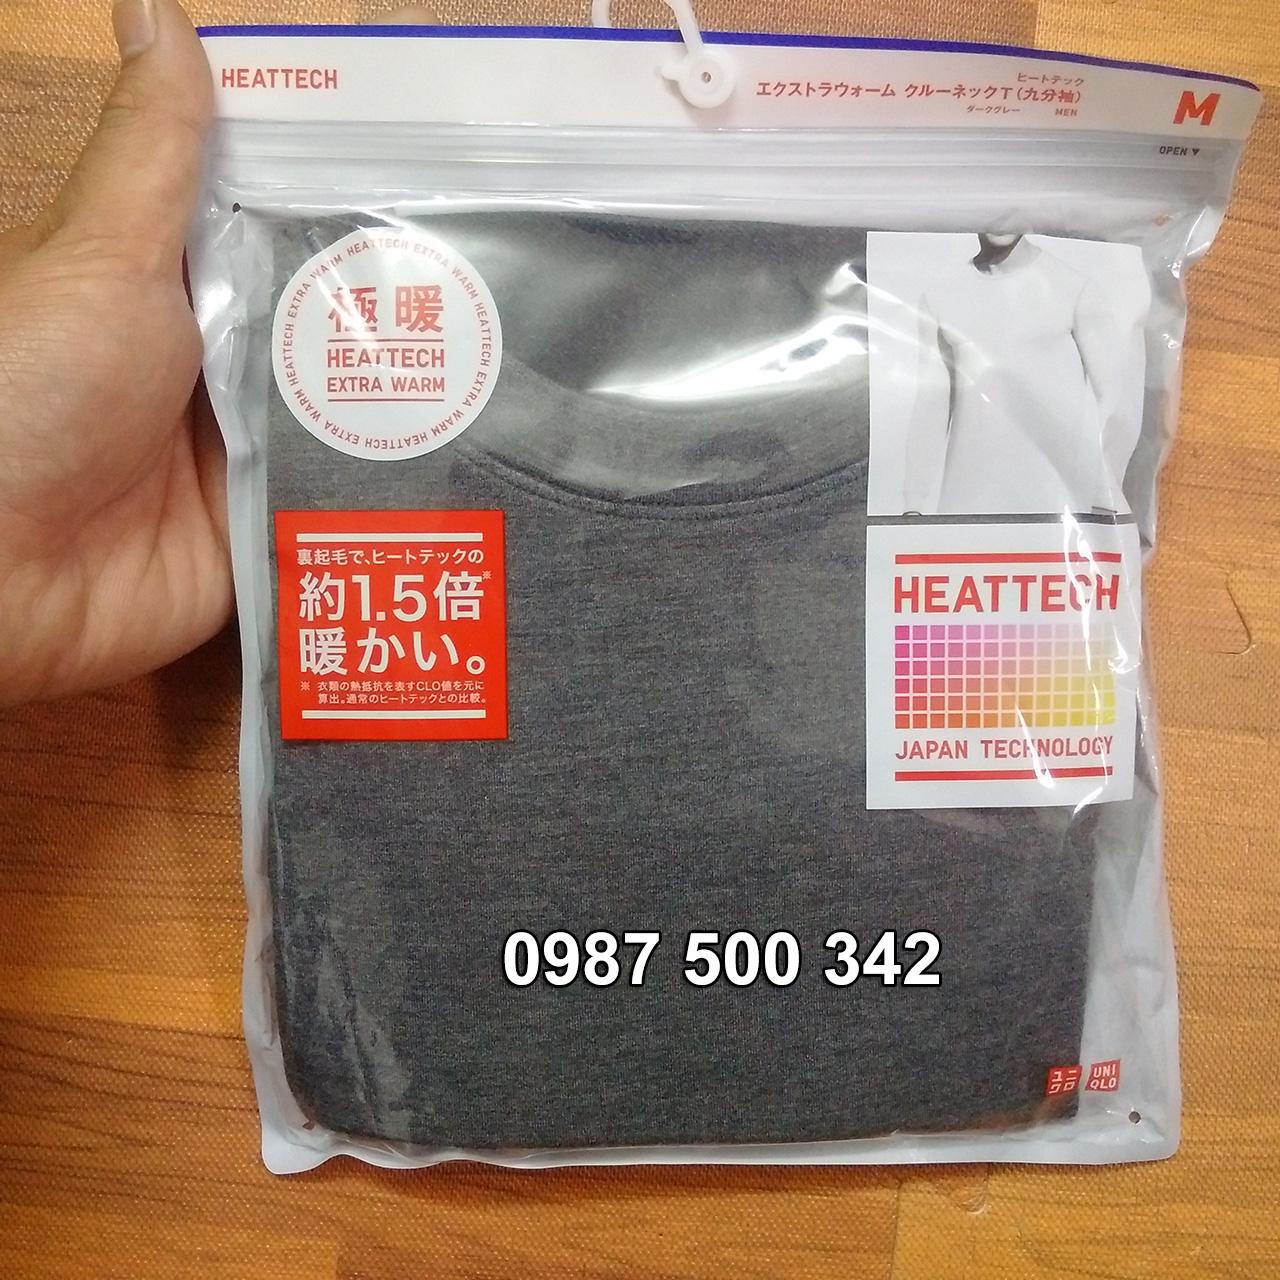 Ảnh thật áo giữ nhiệt nam cổ tròn Heattech Extra Warm màu xám đậm 08 Dark Gray